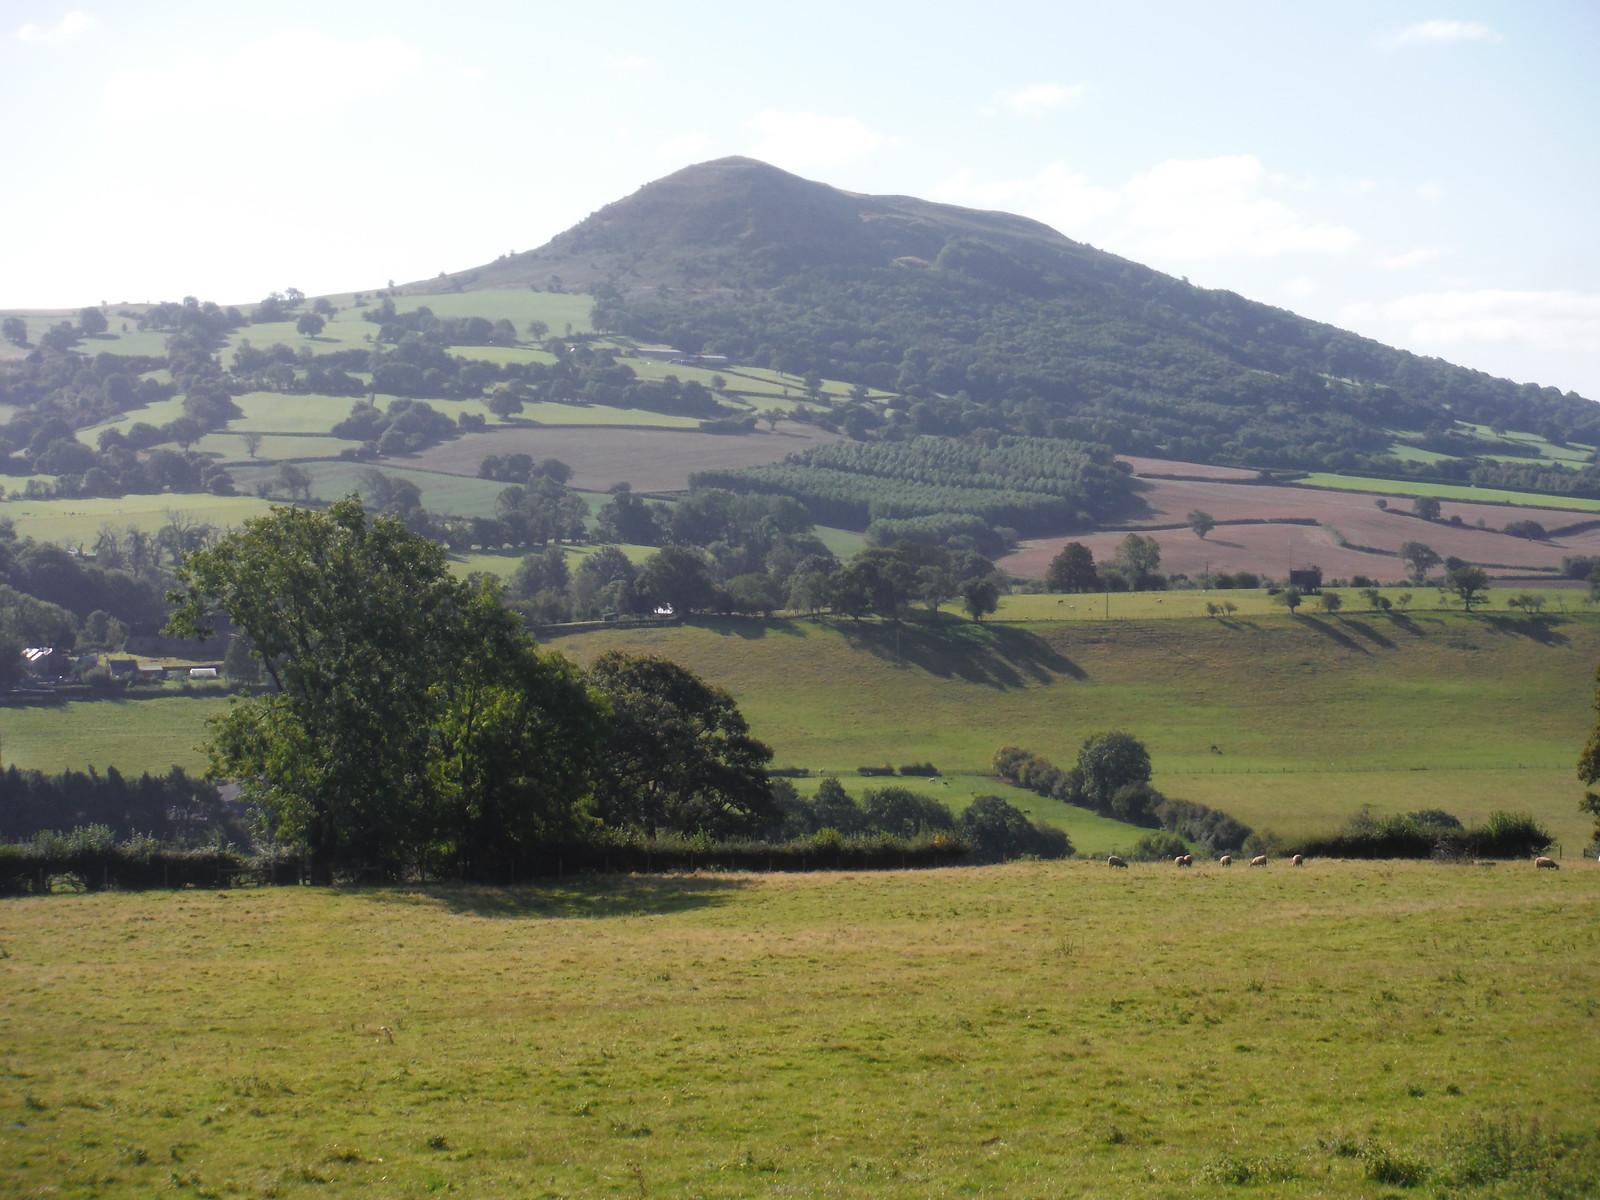 The Skirrid from ascent up Llwygy hill SWC Walk 347 - Llanvihangel Crucorney Circular (via Bryn Arw and The Skirrid)